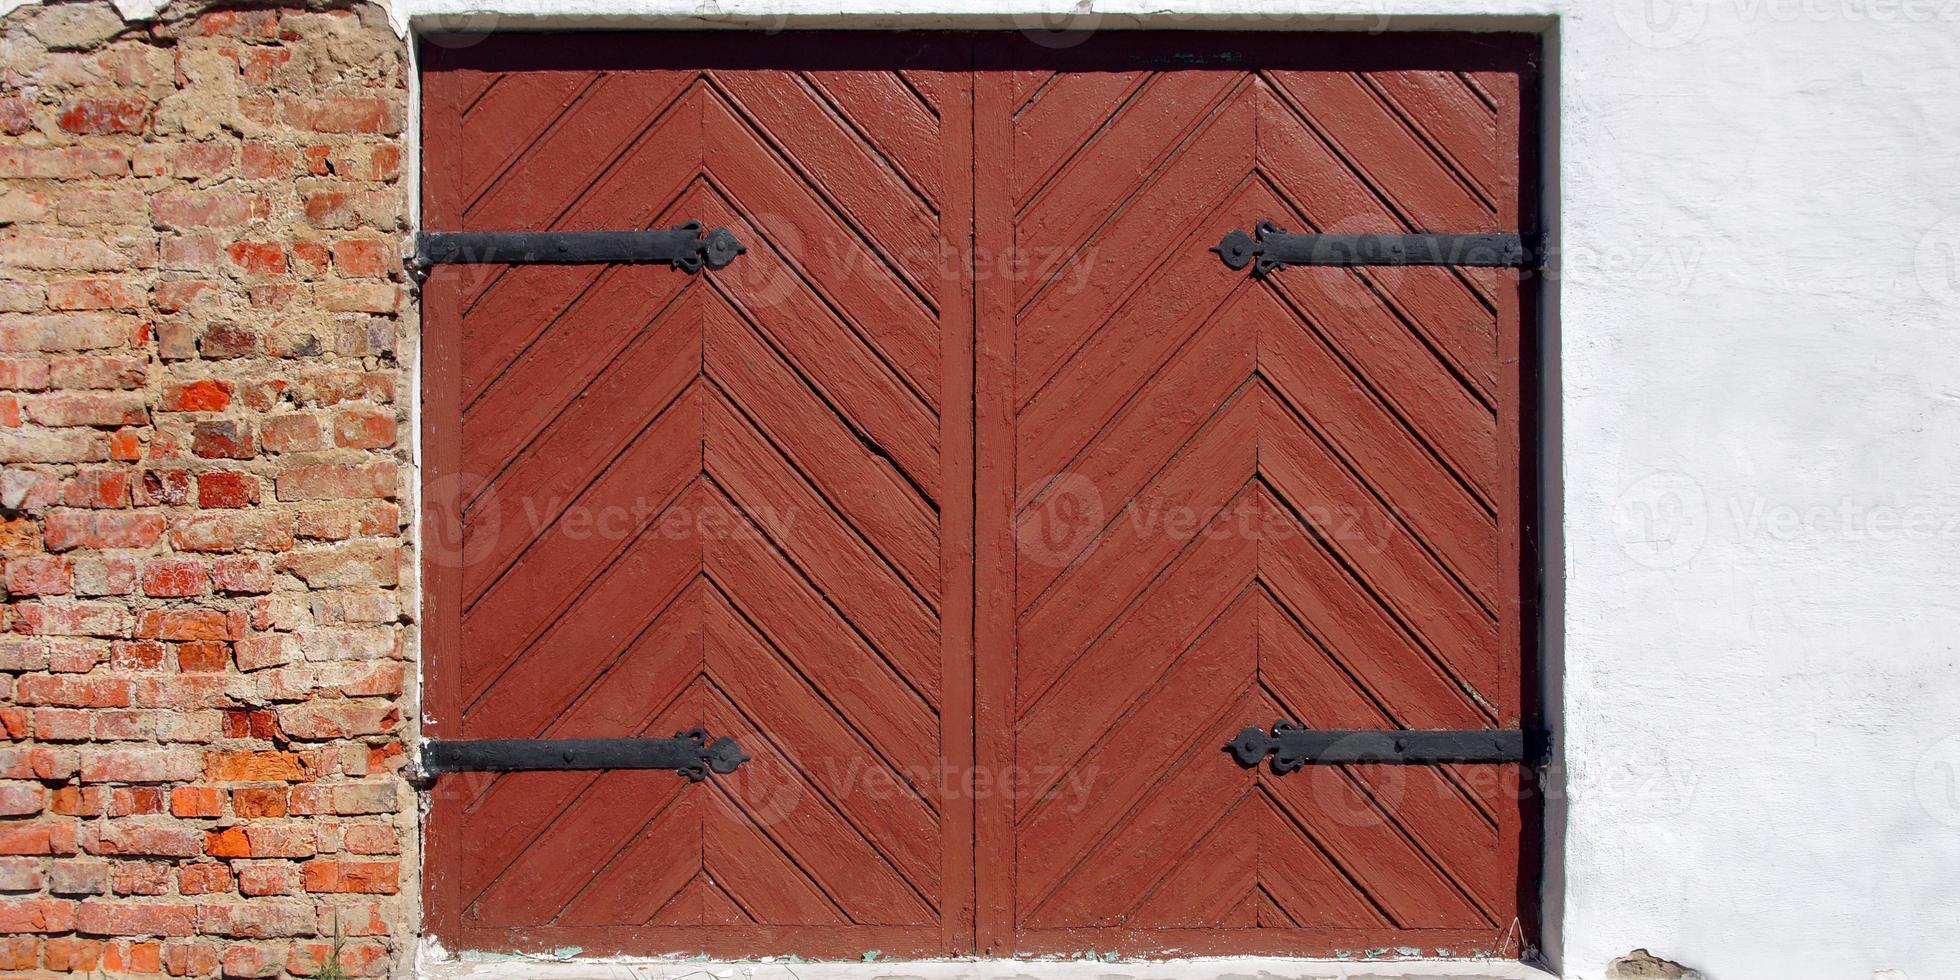 oude houten poort in de gevel van het oude gebouw. foto